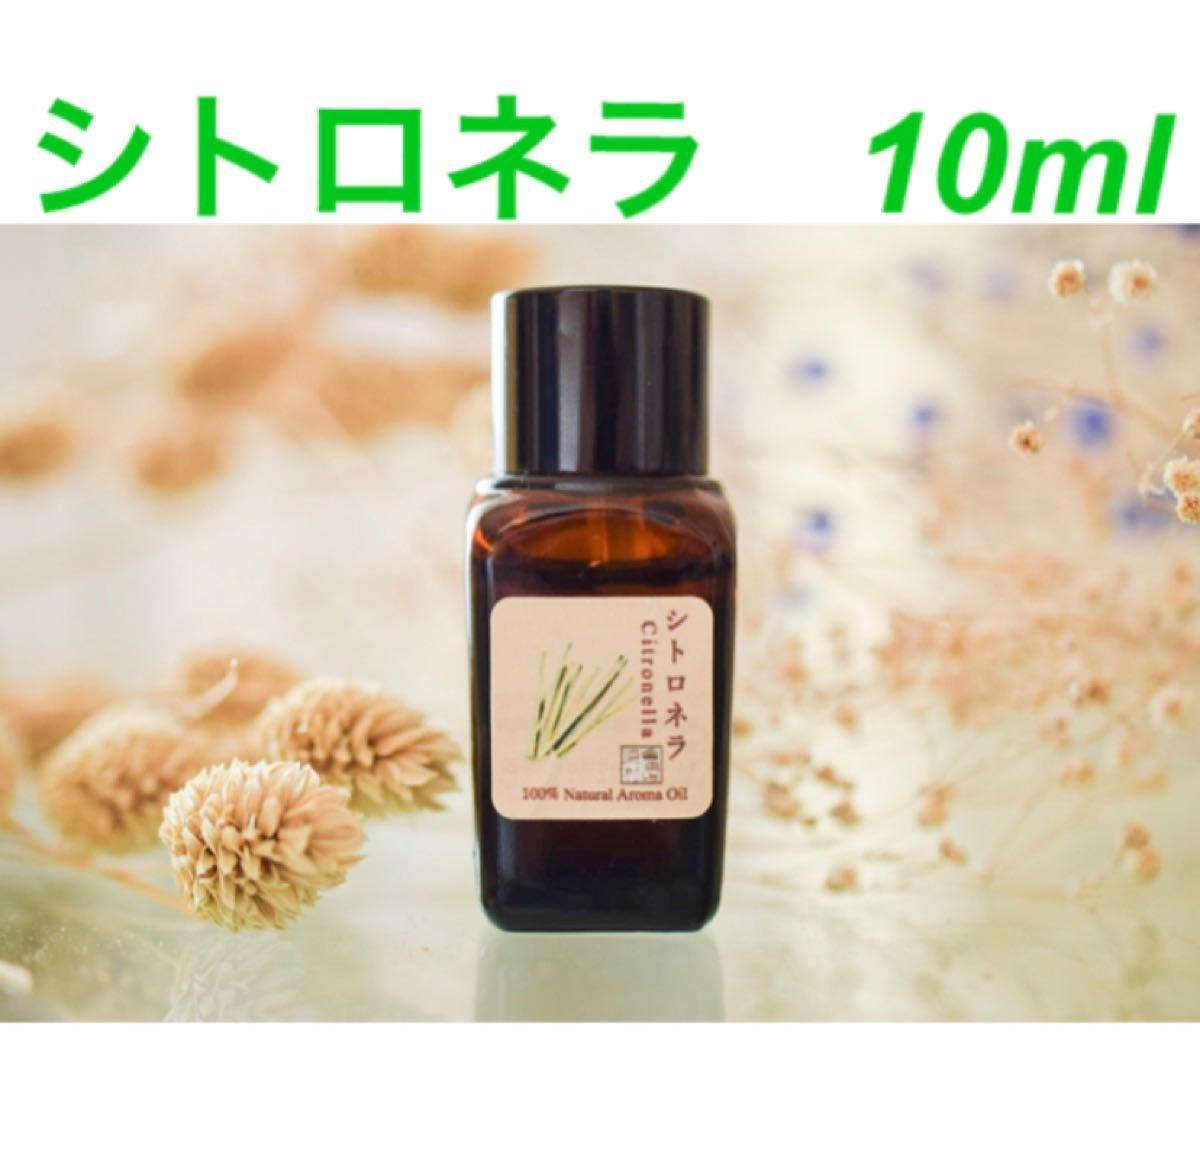 シトロネラ 10ml  アロマ用精油 エッセンシャルオイル